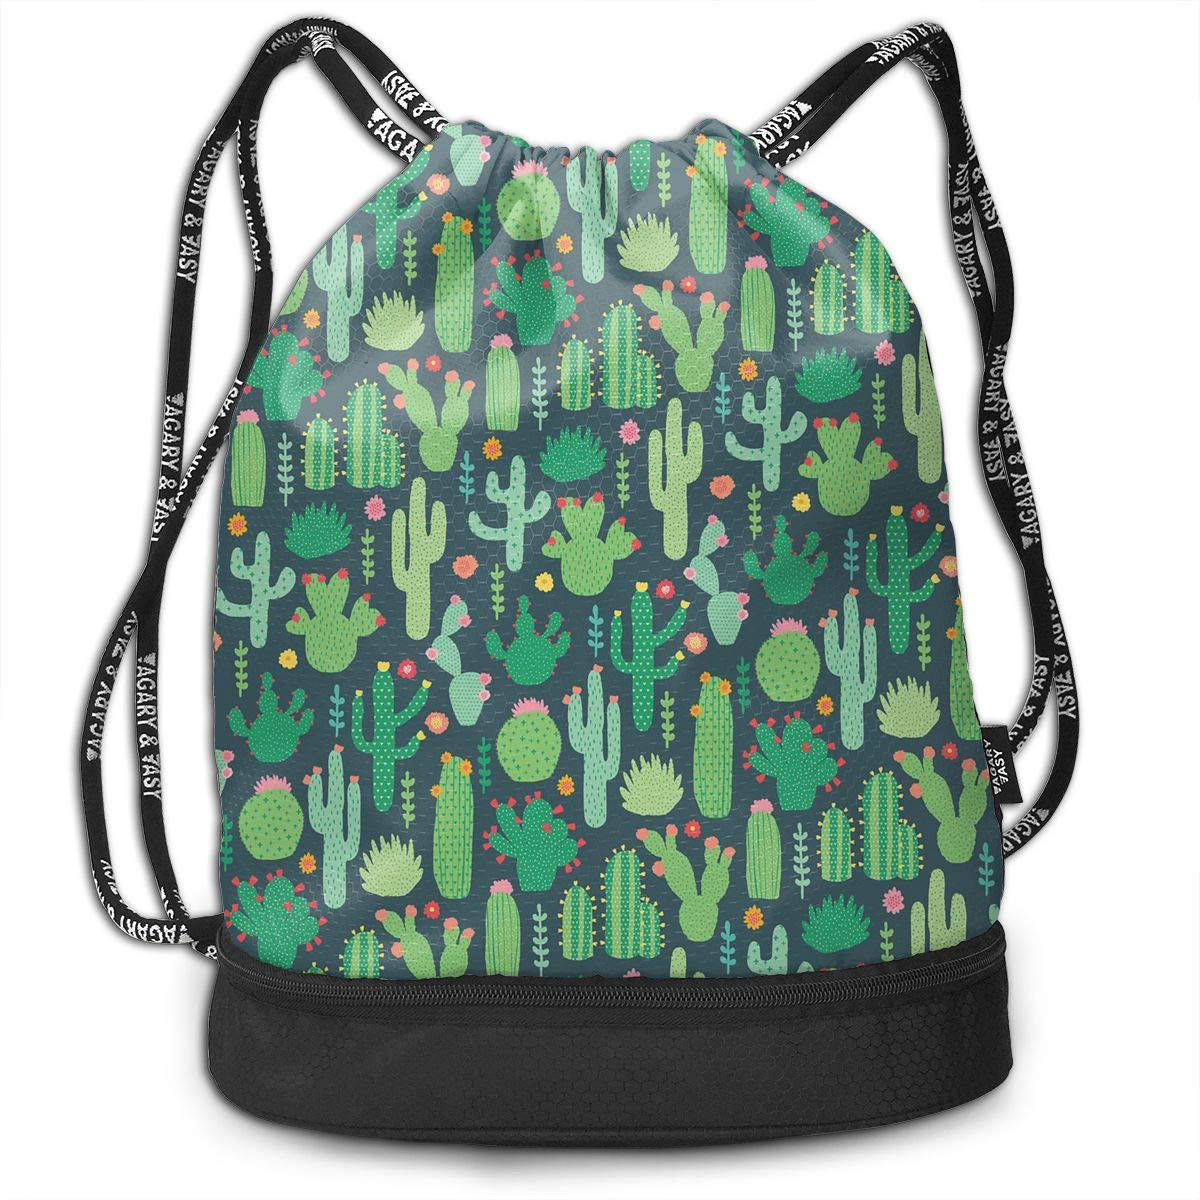 HUOPR5Q Cute Cactus Drawstring Backpack Sport Gym Sack Shoulder Bulk Bag Dance Bag for School Travel